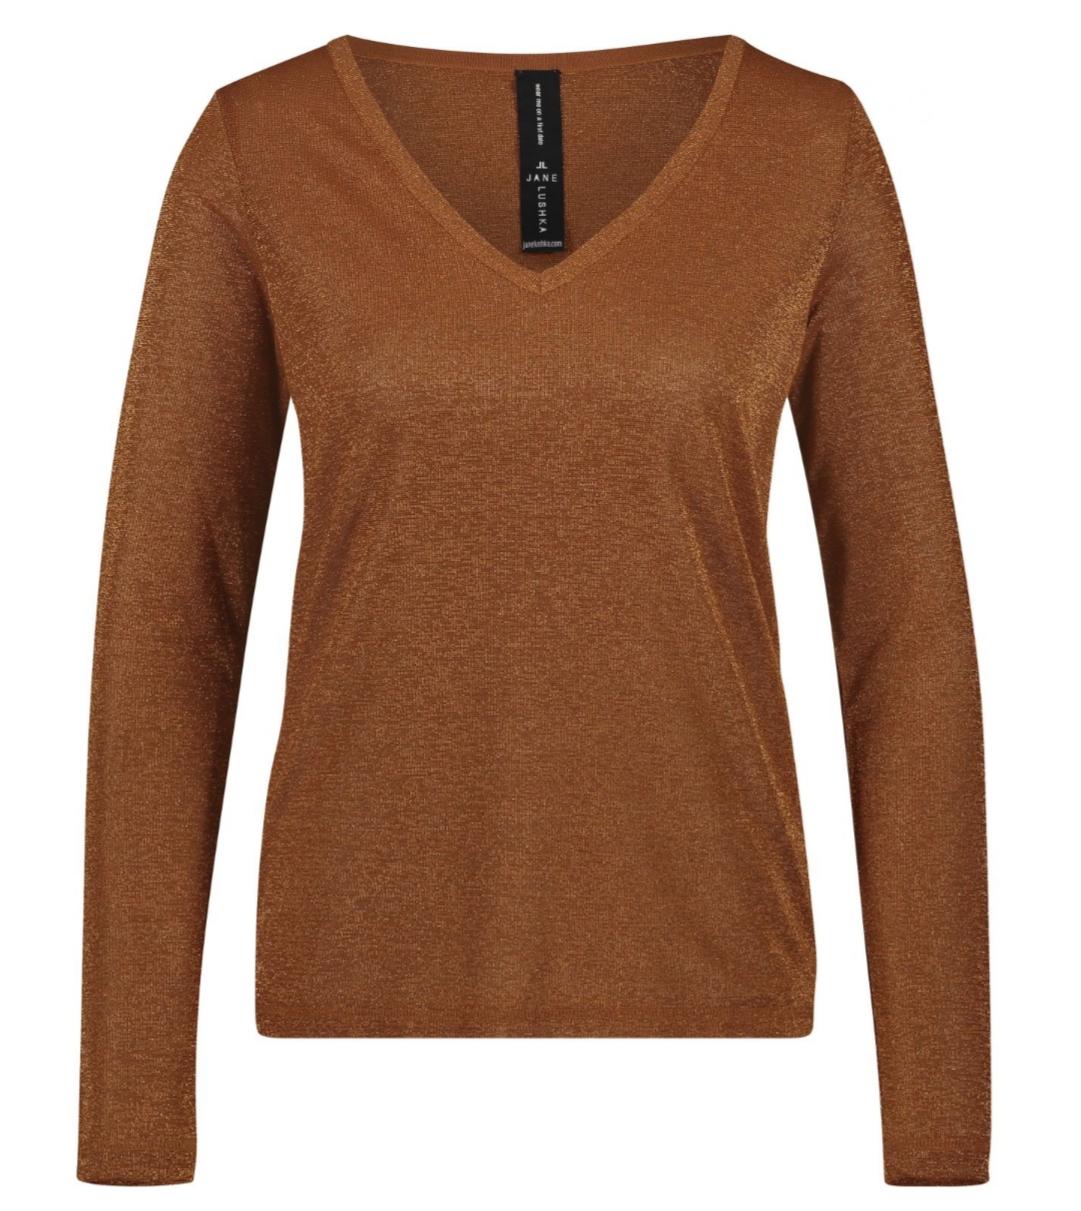 https://0501.nccdn.net/4_2/000/000/048/0a6/casazza-damenmode_jane-lushka_lurex_shirt_1.jpg